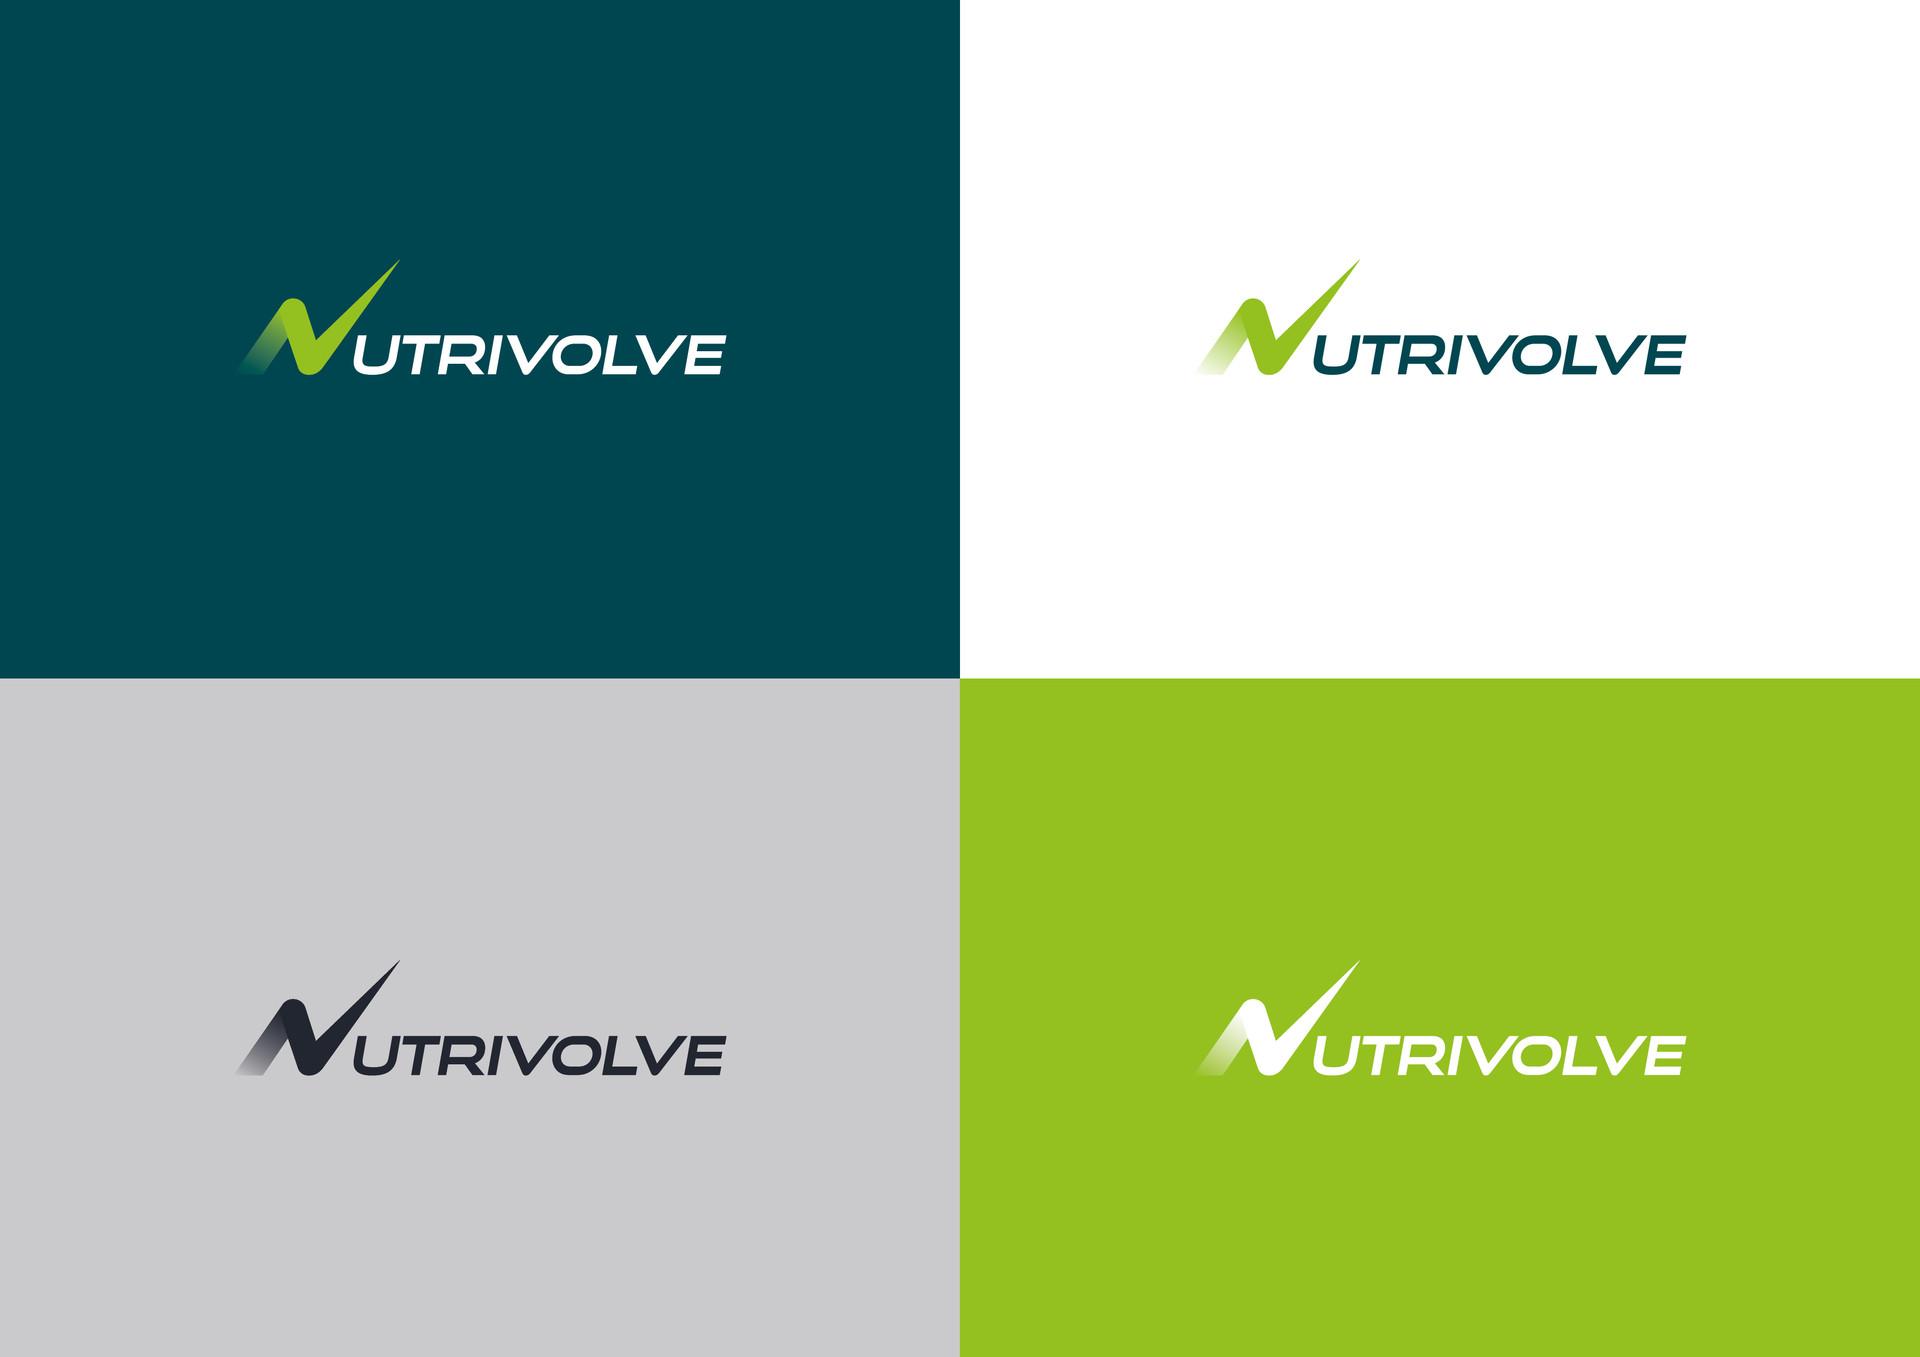 NutriVolve Branding V37.jpg